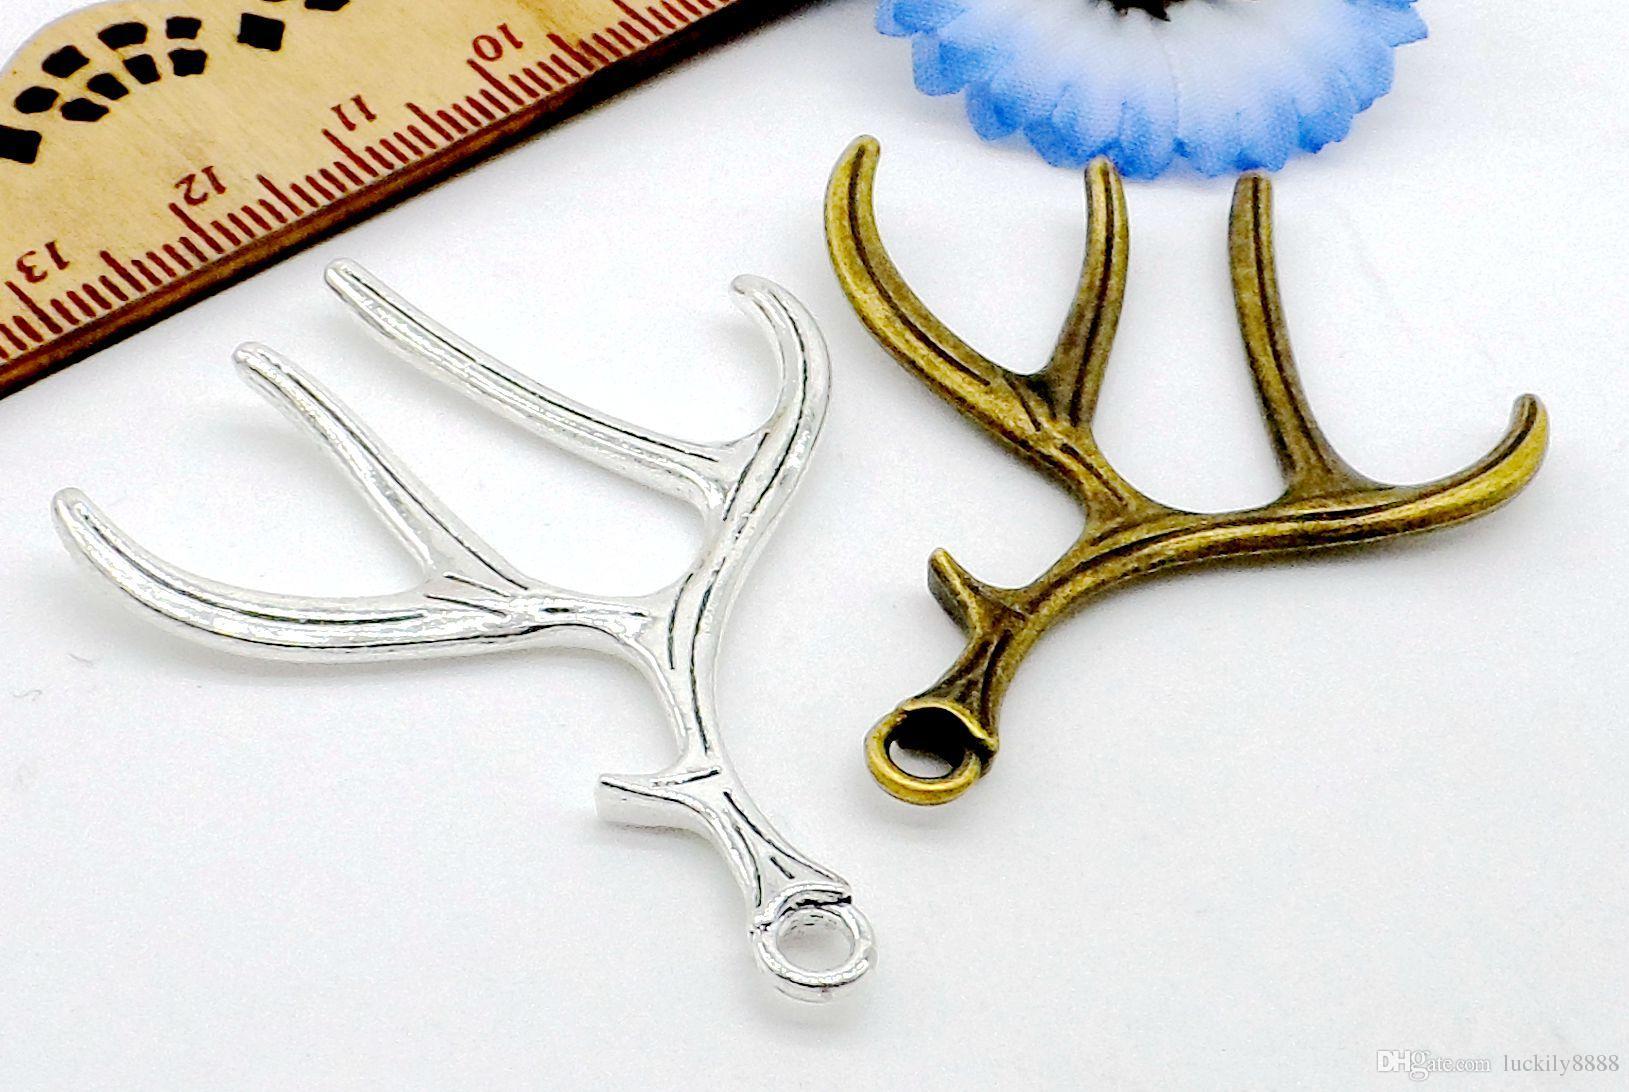 / pendentifs cerfs ramure pendentif en argent bronze antique pendentif pour la fabrication de bijoux bricolage 40 * 51mm